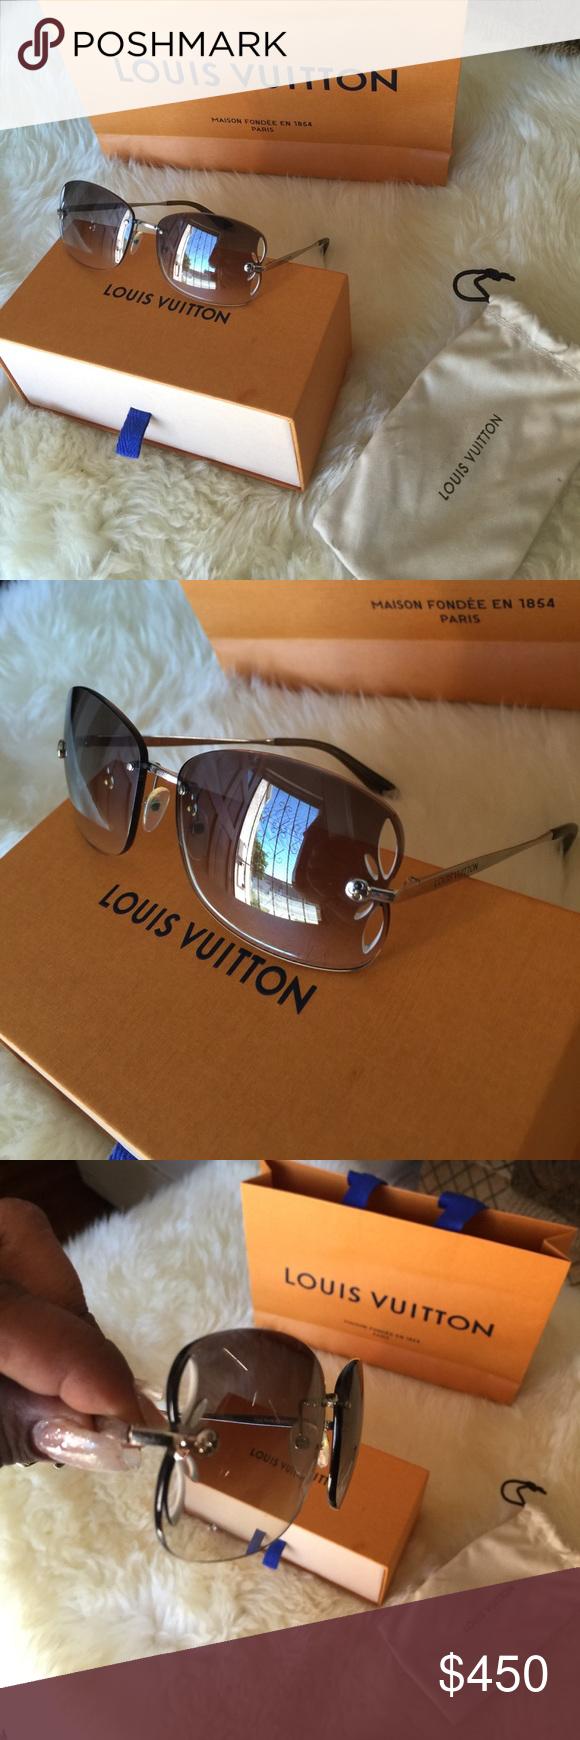 42af8f3fa6b LV glasses